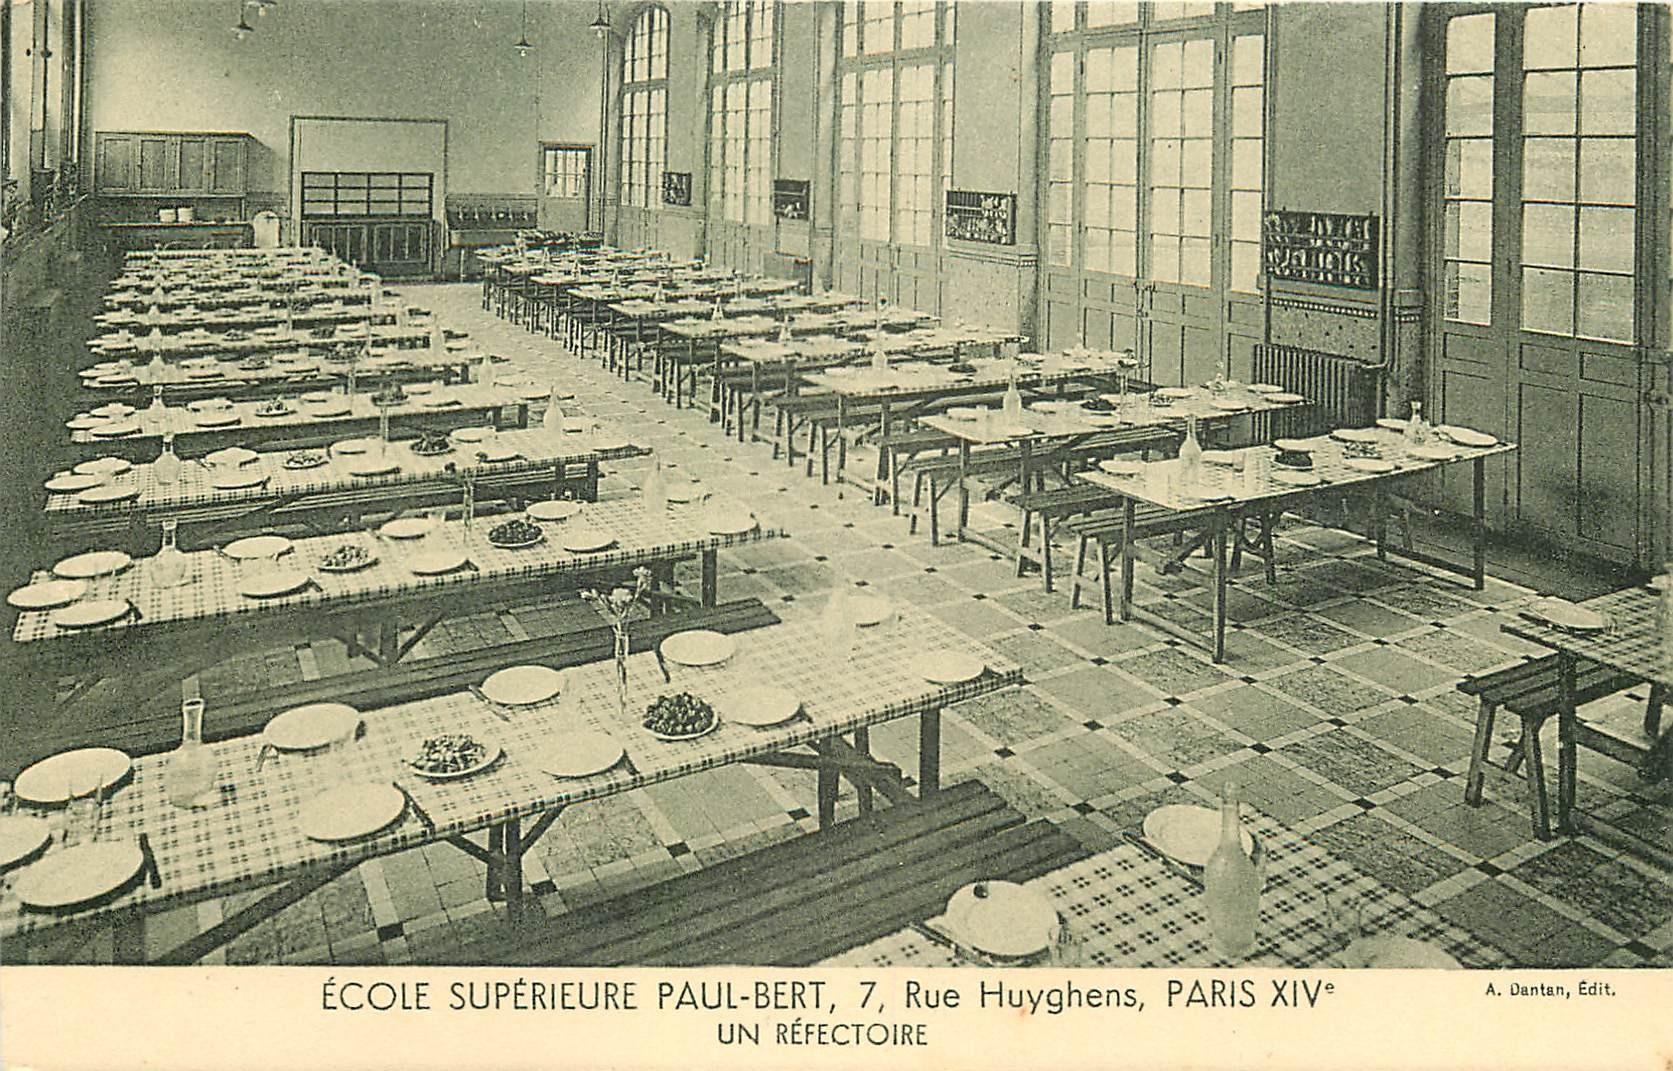 PARIS 14. Ecole Supérieure Paul-Bert 7 rue Huyghens. Un Réfectoire